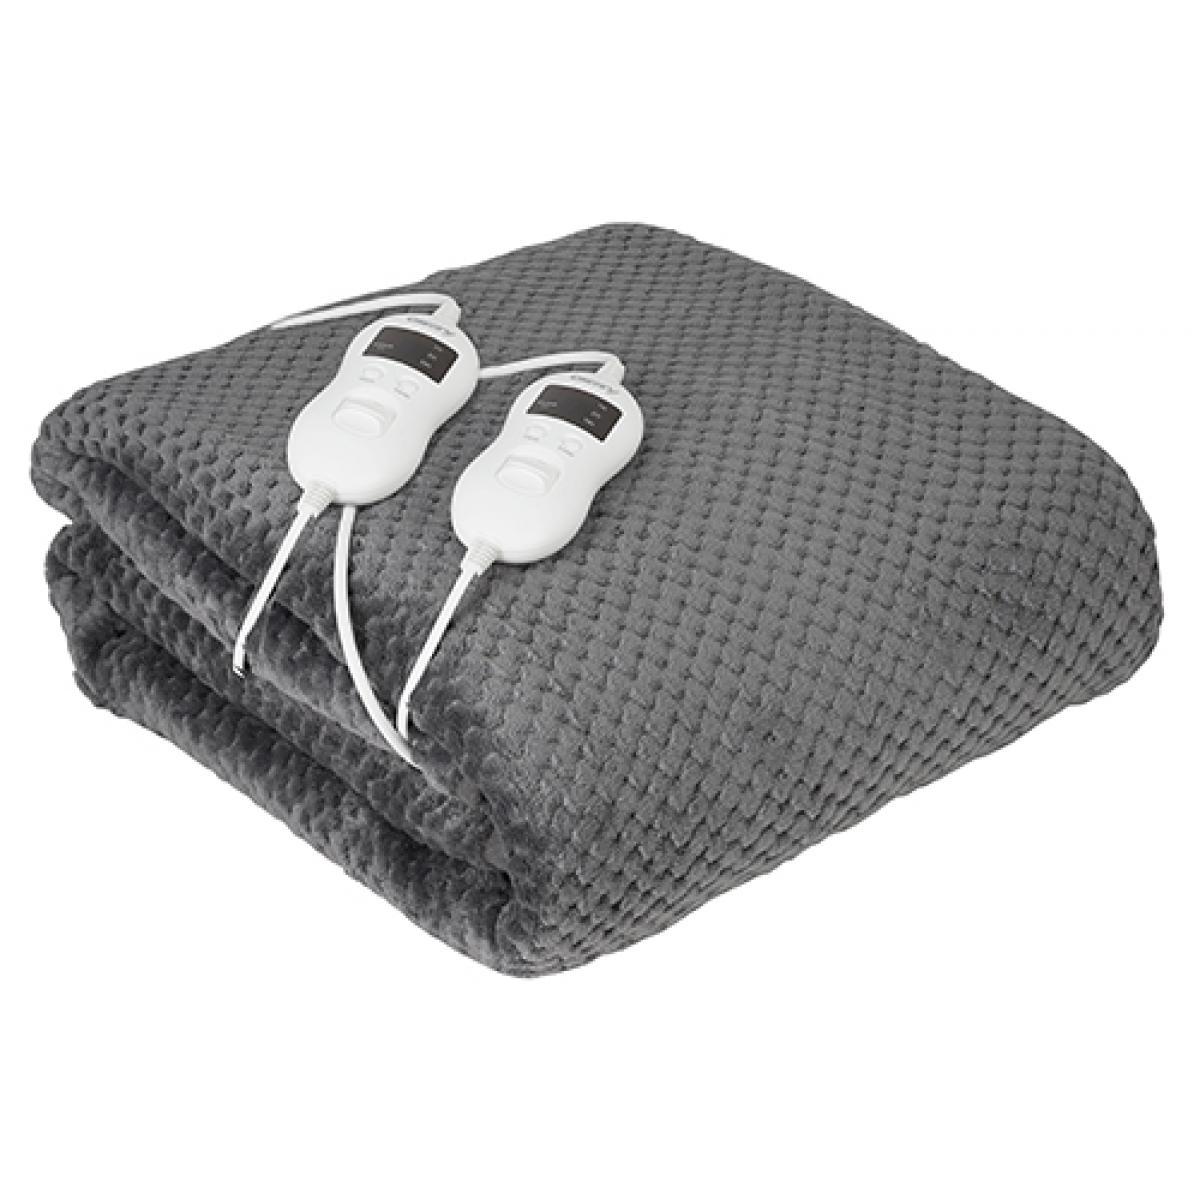 Camry couverture de couchage électrique avec minuterie 150 X 160 cm 120W gris